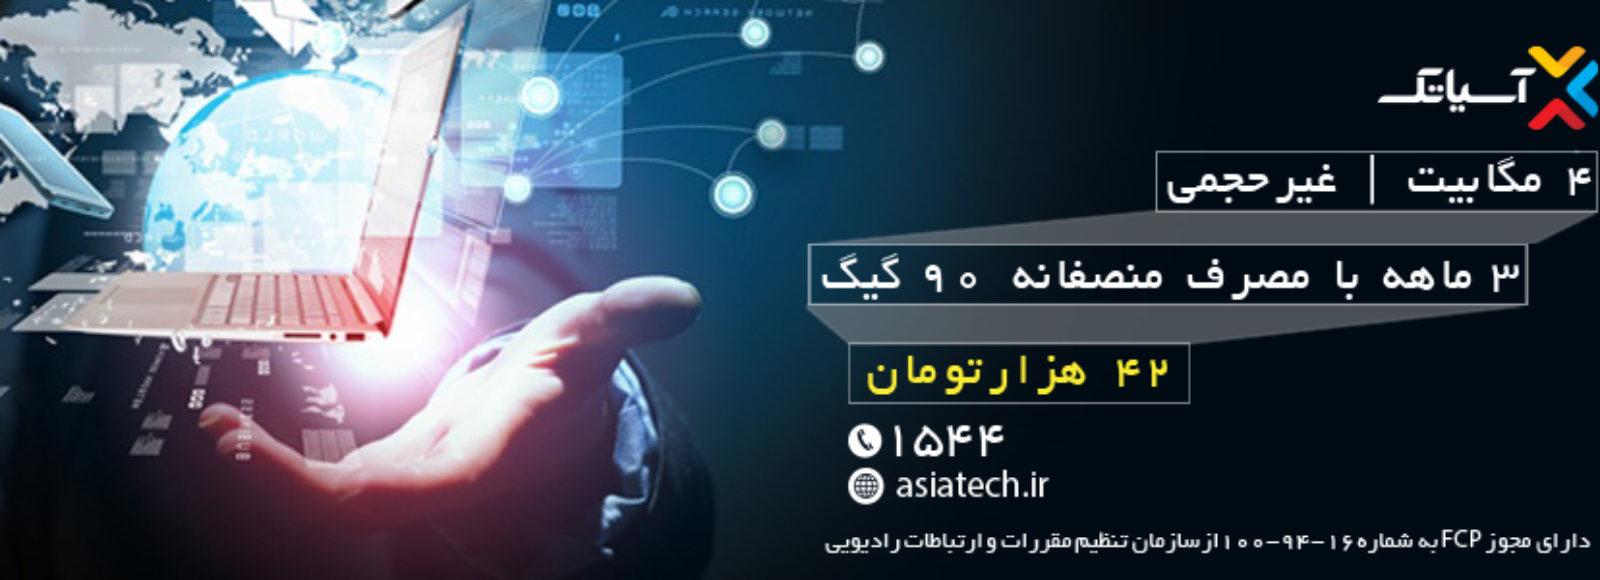 جشنواره اینترنت ADSL